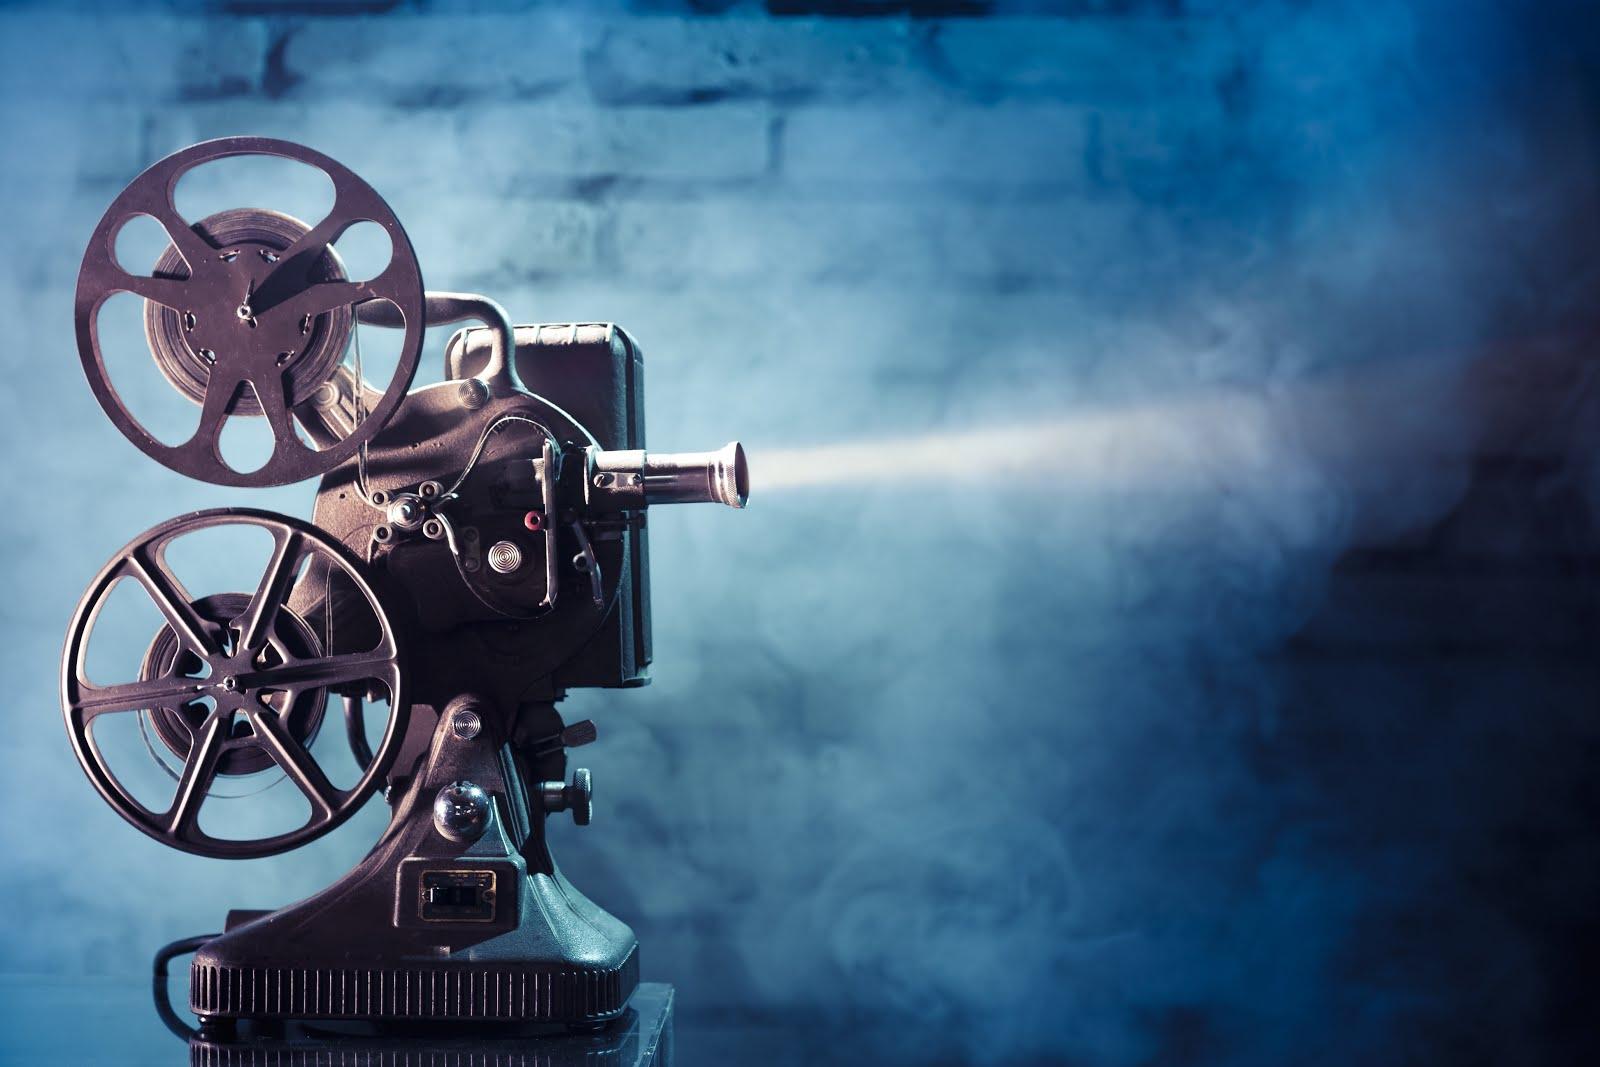 Filmes e documentários recomendados